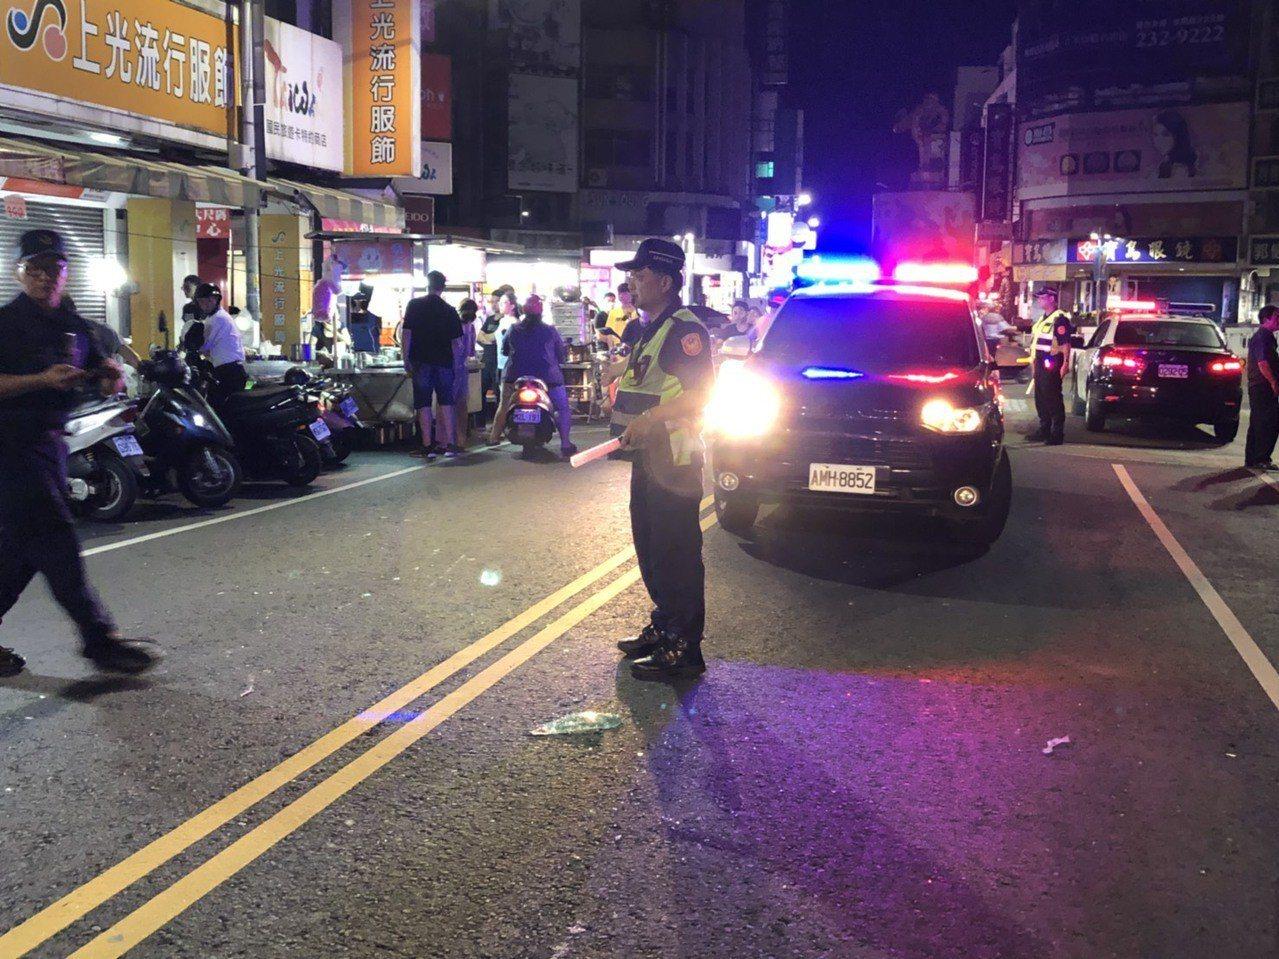 嘉義市北門派出所林姓巡佐今天凌晨在文化路圓環盤查一輛可疑轎車,遭衝撞受傷,警方隨...